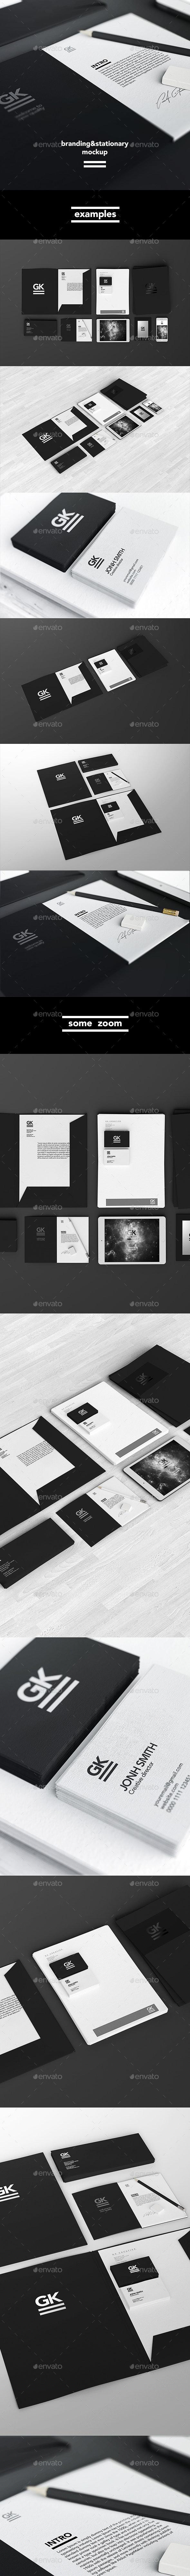 Stationery / Branding / Identity Mock-Up - Stationery Print